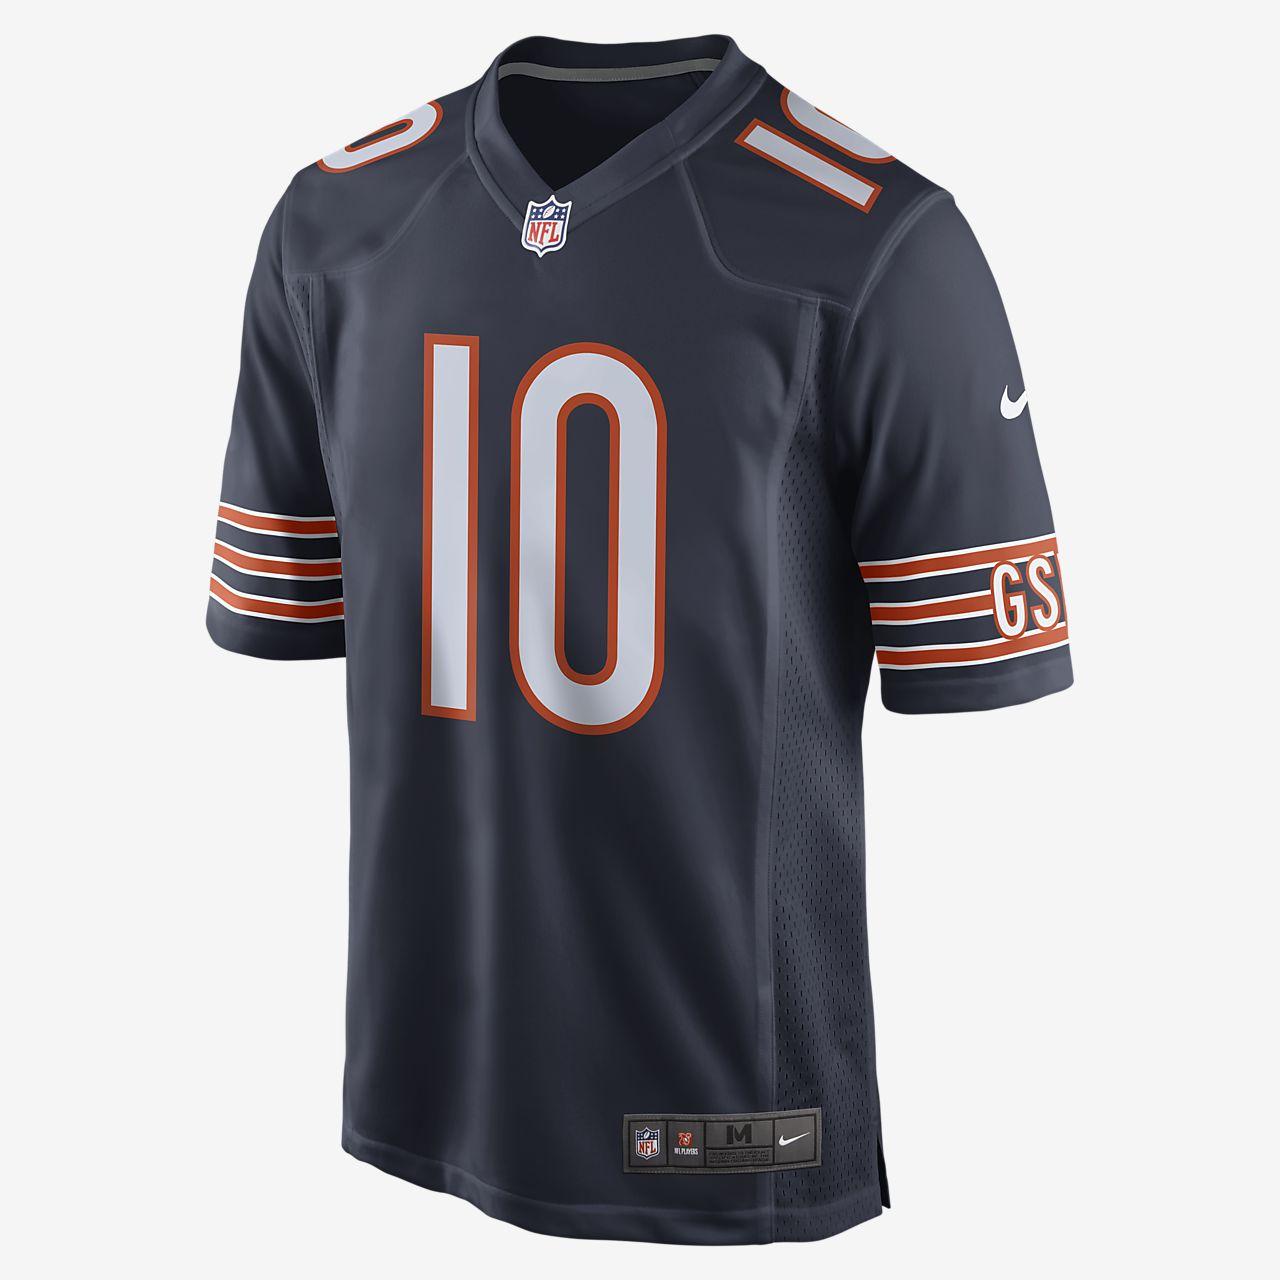 Spelartröja NFL Chicago Bears (Mitch Trubisky) för män